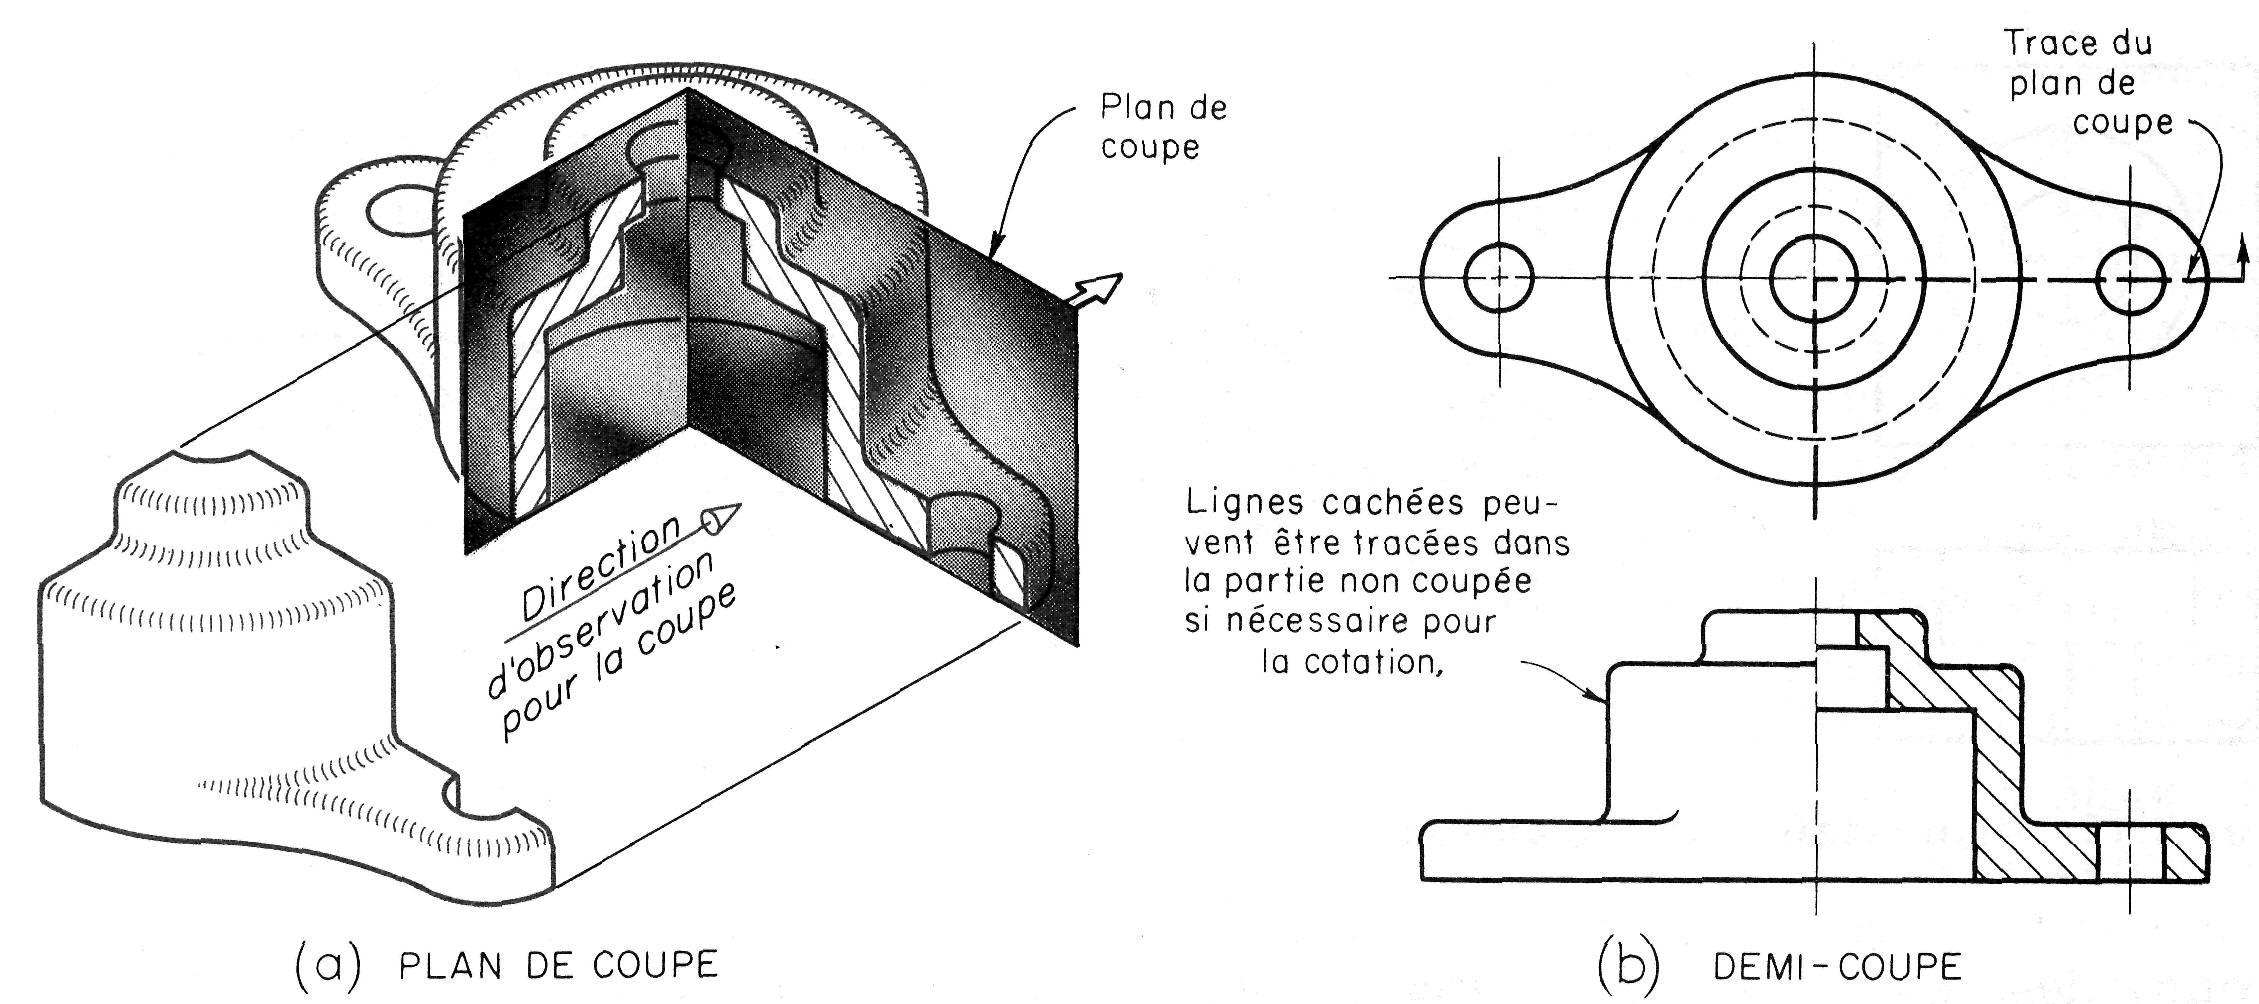 Demi coupes - Coupe et section dessin technique ...